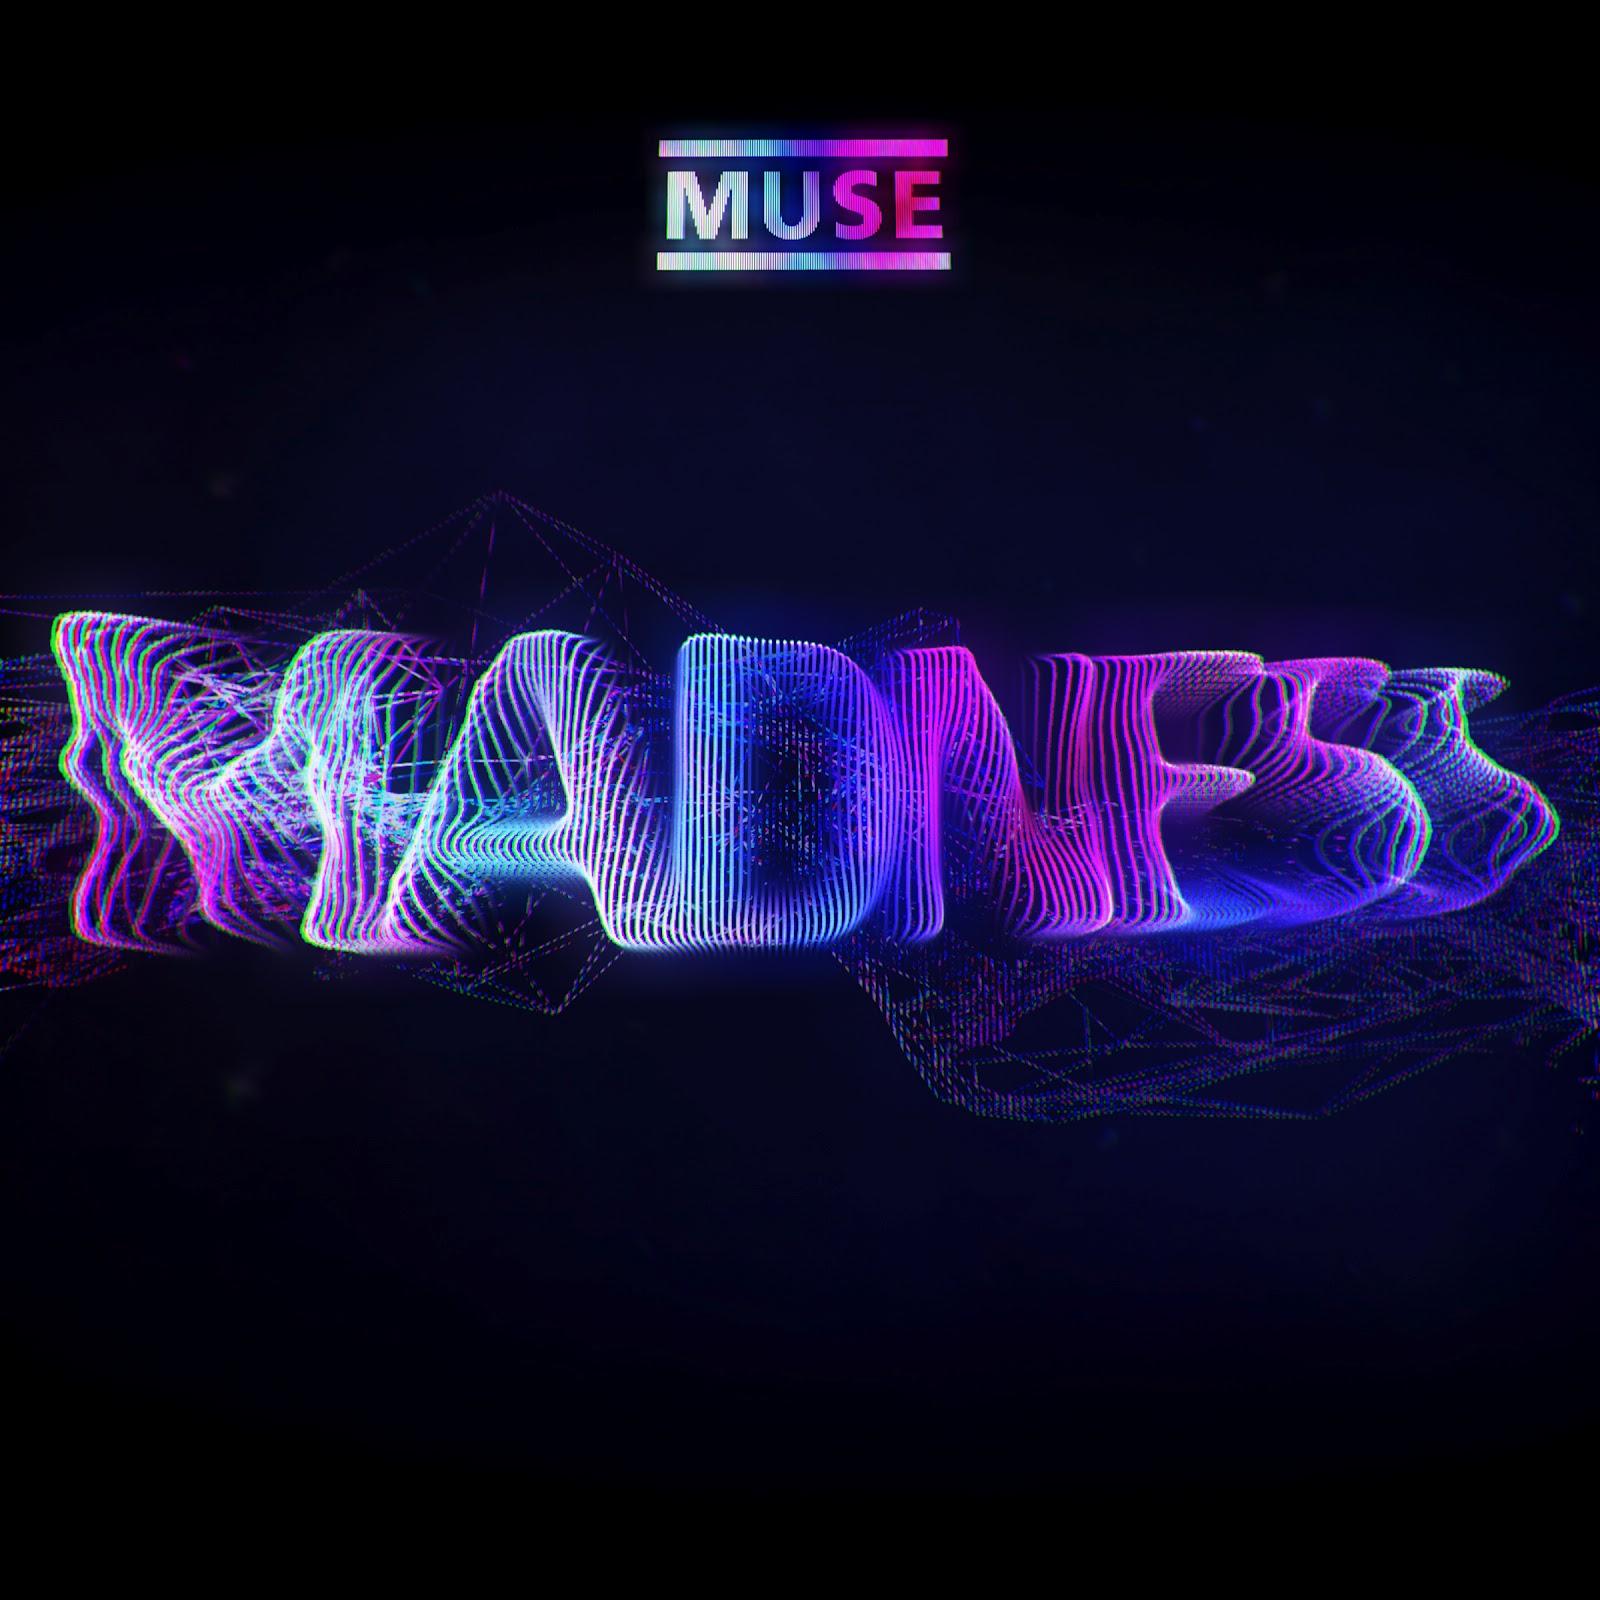 Muse - Madness